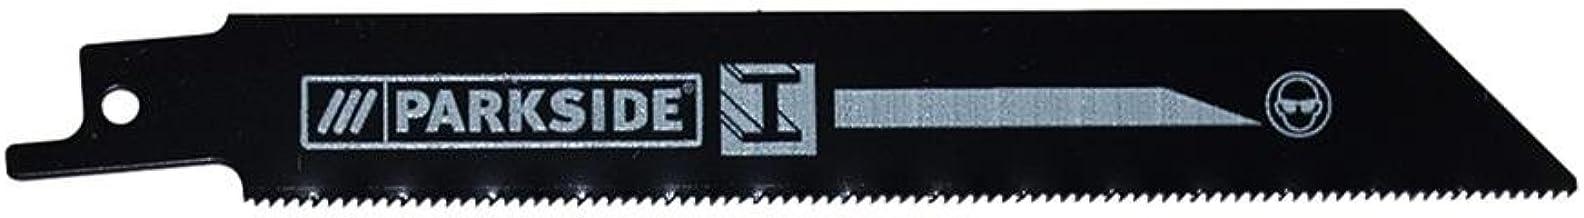 Parkside - Hoja de sierra de metal (HSS, 150 mm/18) para sierra de sable PSSA 18 A1 IAN 104447